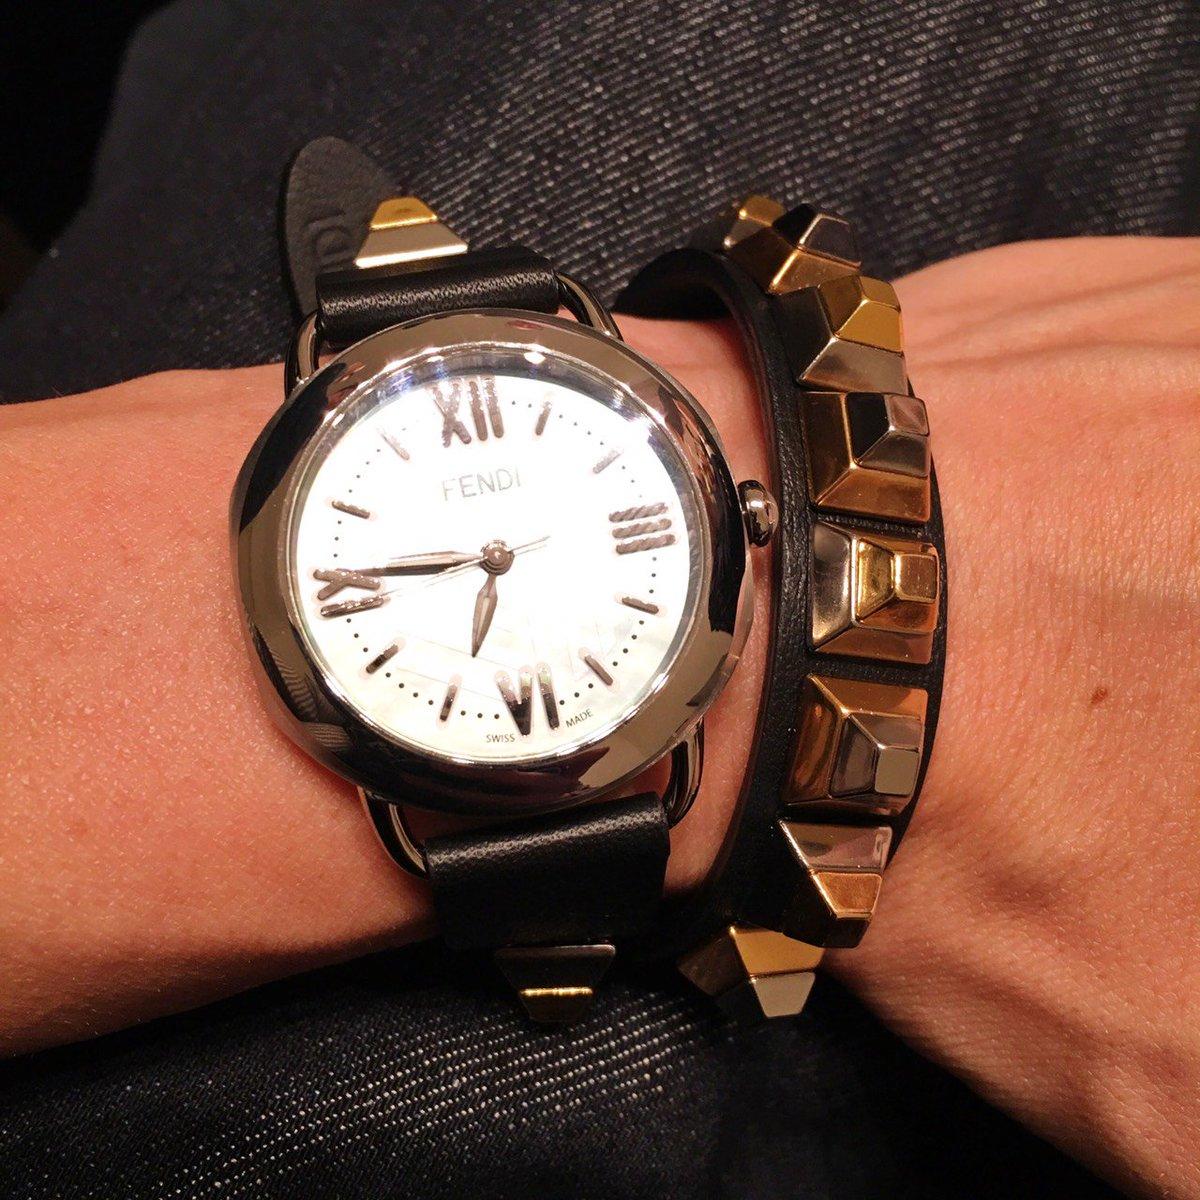 """【バーゼル取材】バッグのストラップが変えられる""""ストラップ ユー""""が時計にも‼「フェンディ」の""""セレリア""""は、簡単にベルトが変えられます。ベルトはお値段1本4万5000円です。#fendi #basel"""